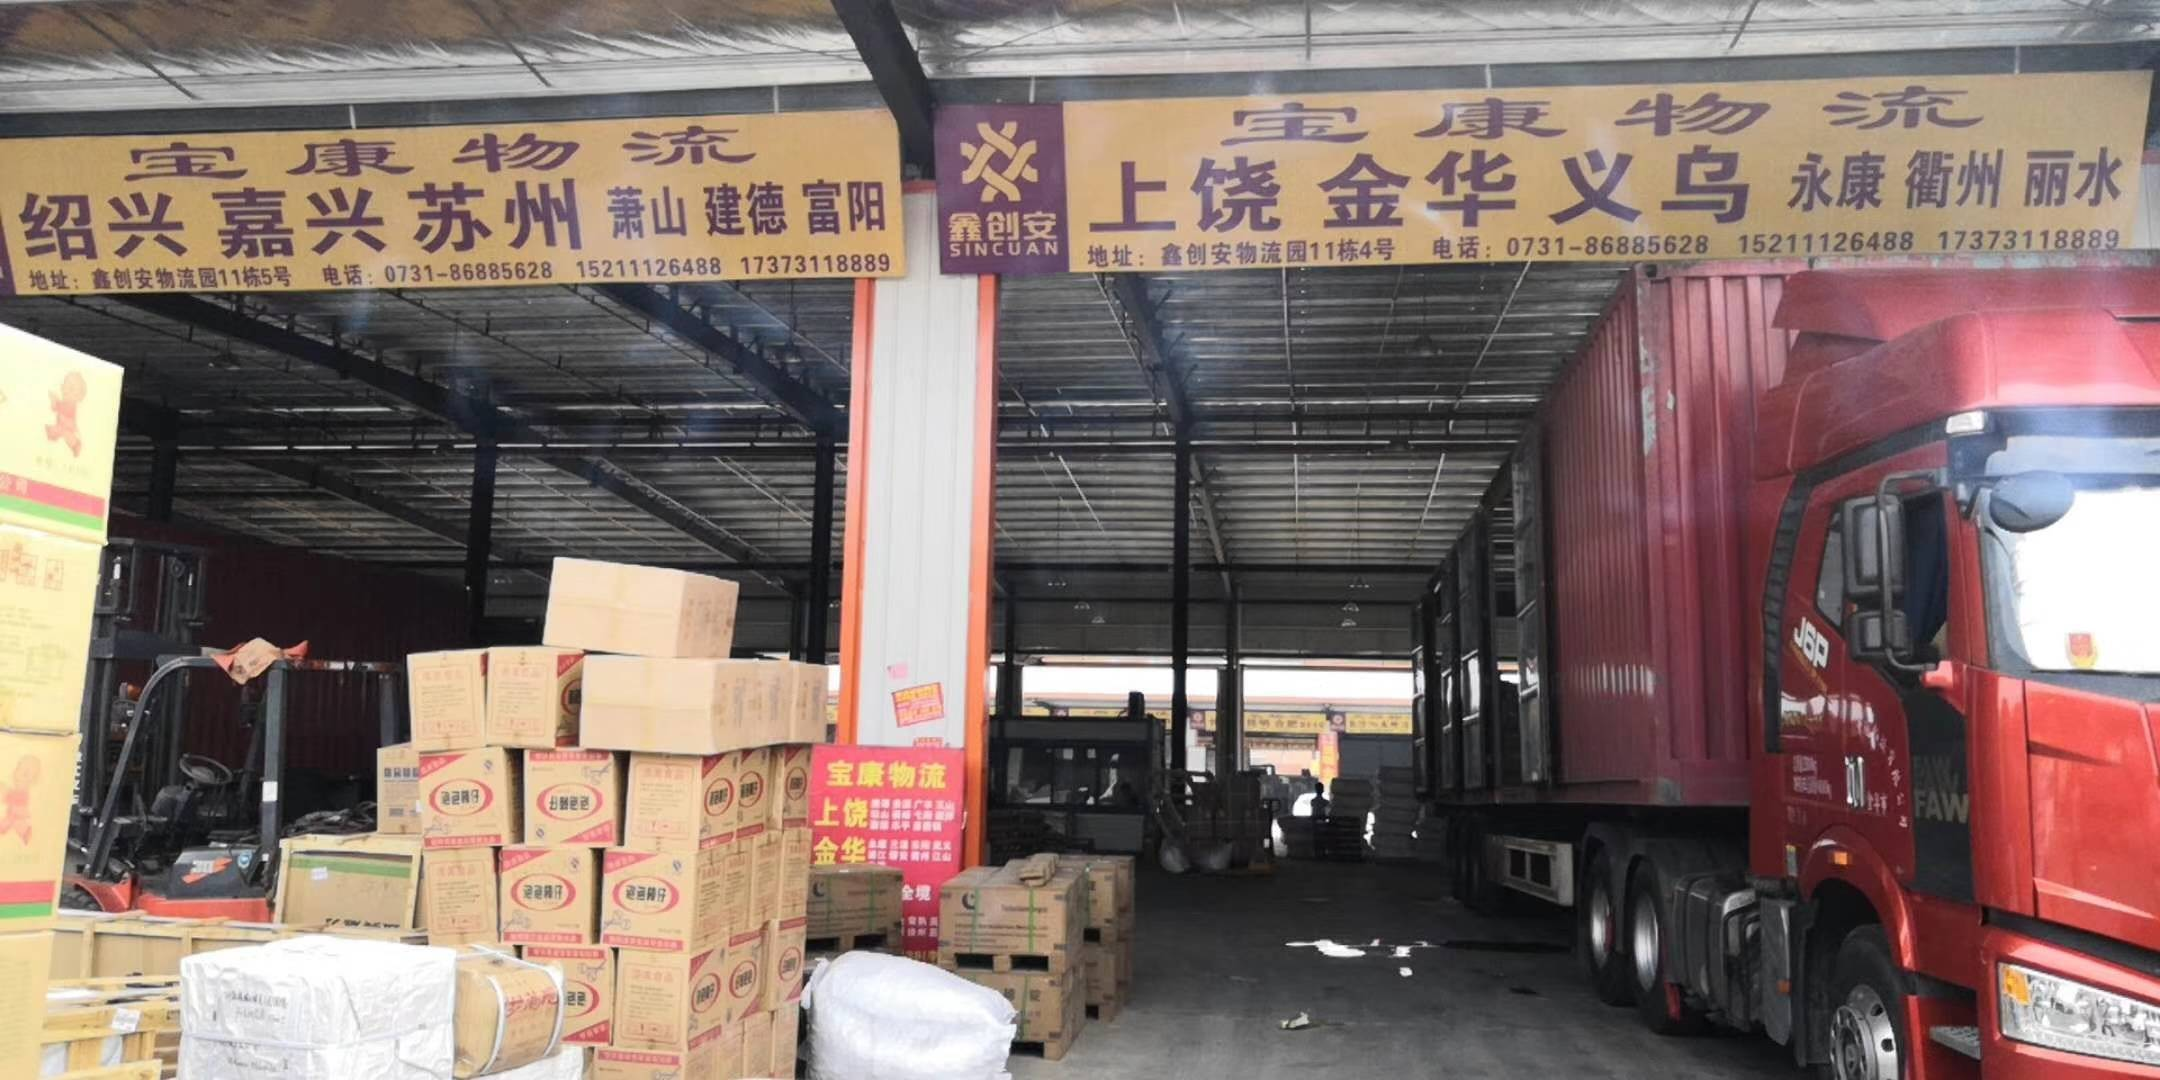 宝康物流 长沙县至信州区专线物流货运公司 查56物流信息平台